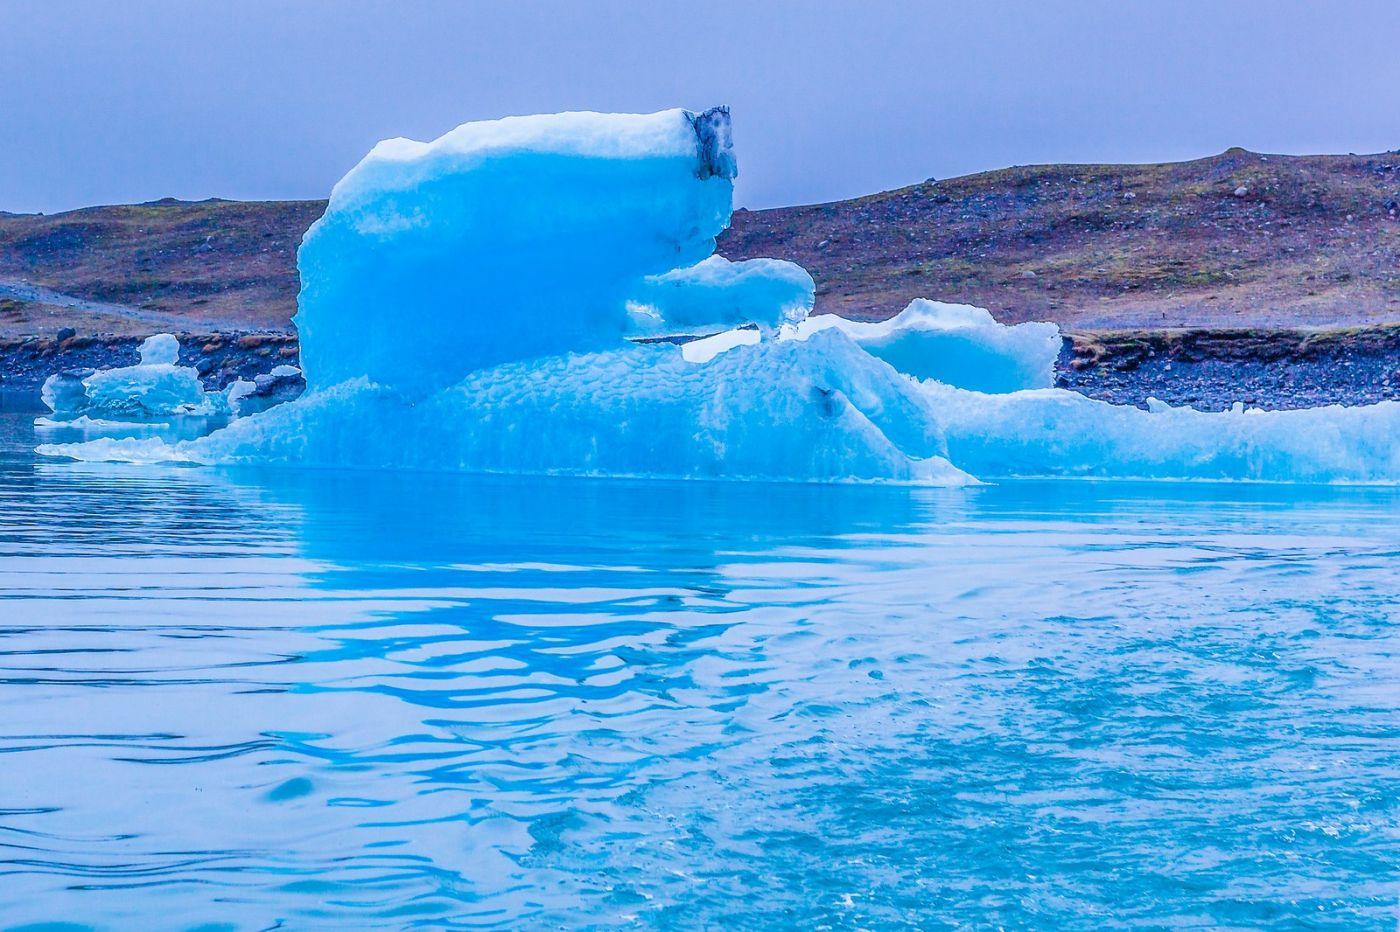 冰岛冰川泻湖(Glacier Lagoon),自然雕塑_图1-38